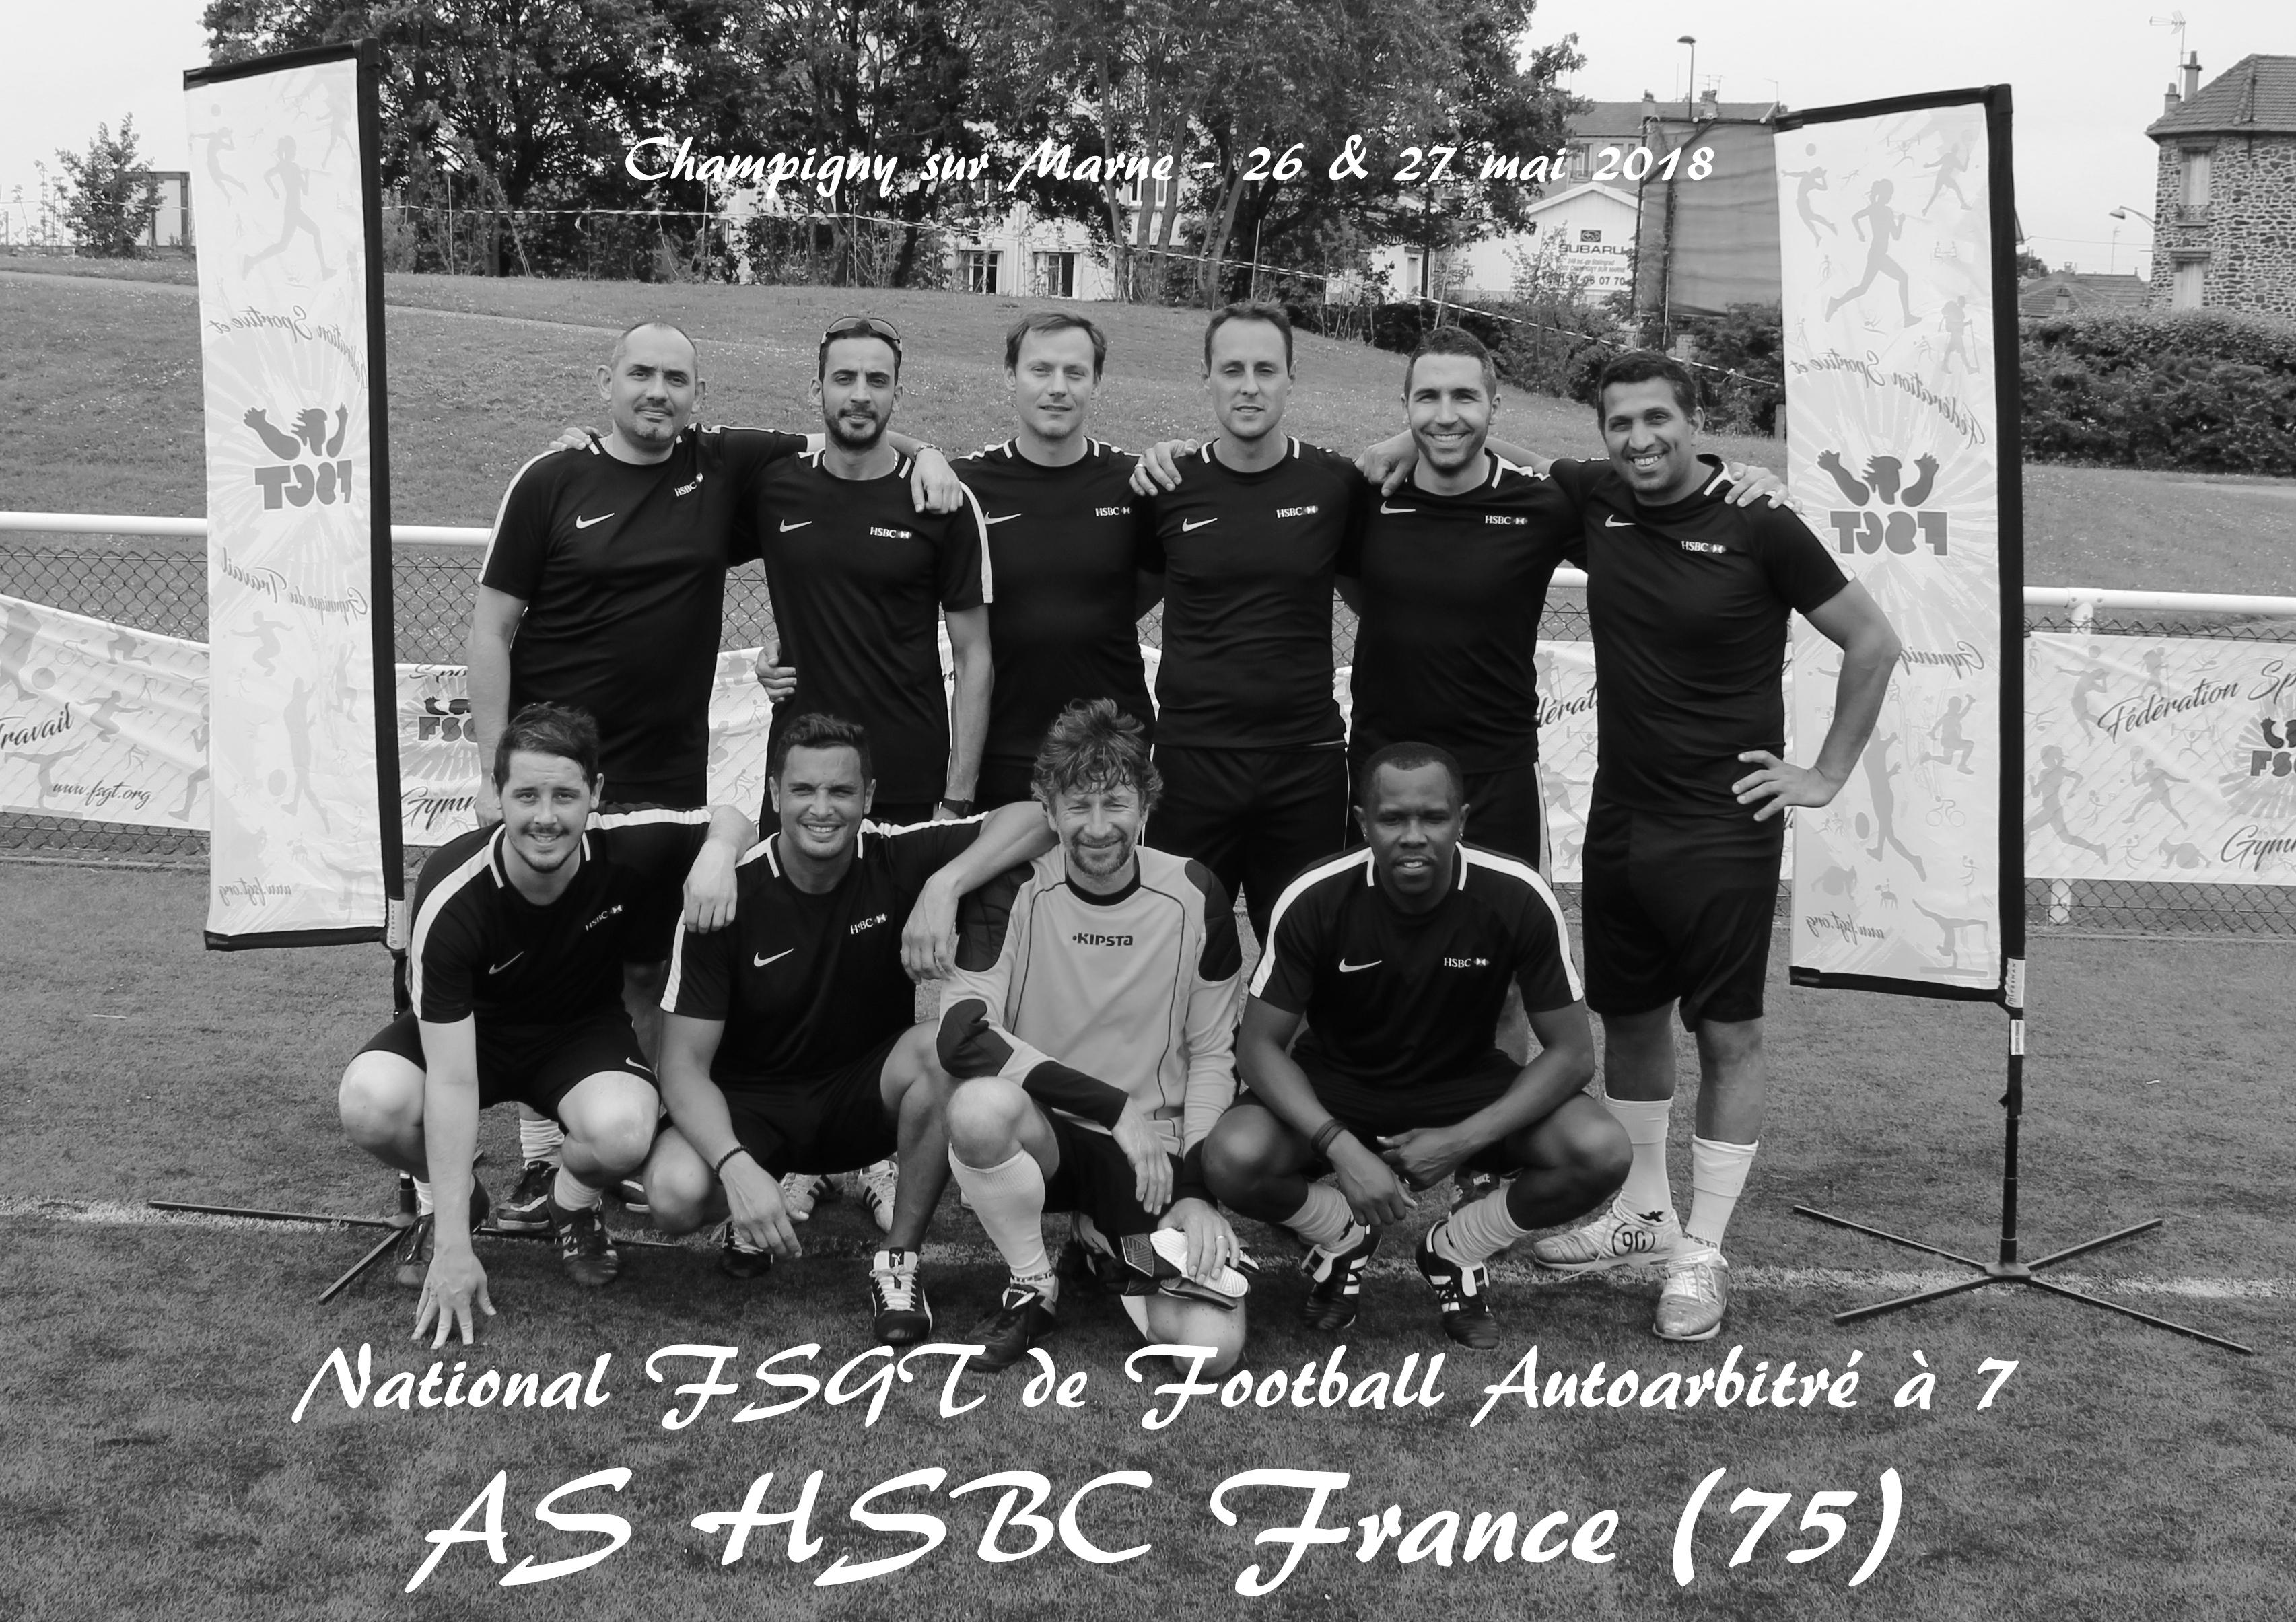 AS HSBC France